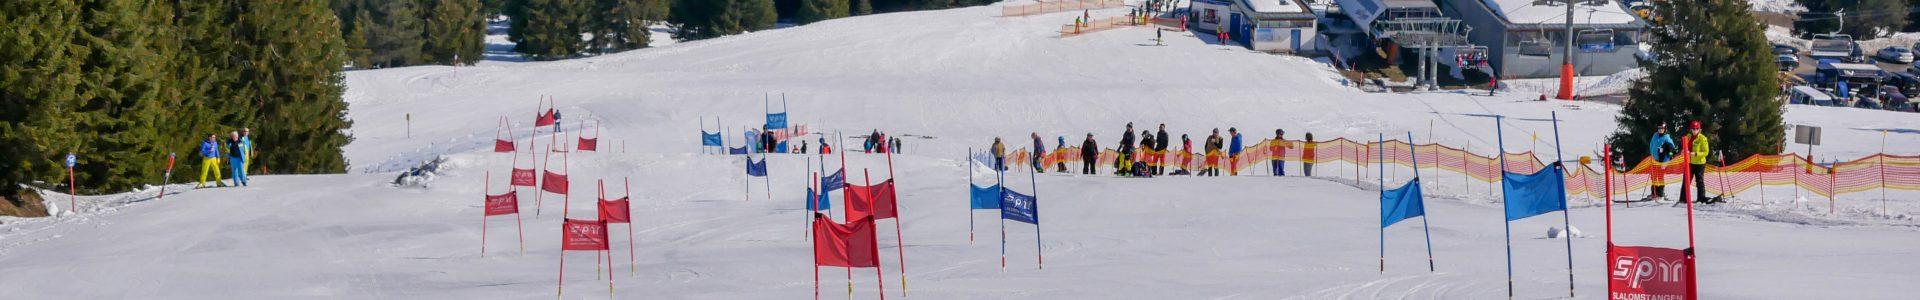 Rennteam bei 29. Alpiner Sportwoche in Hochkrimml